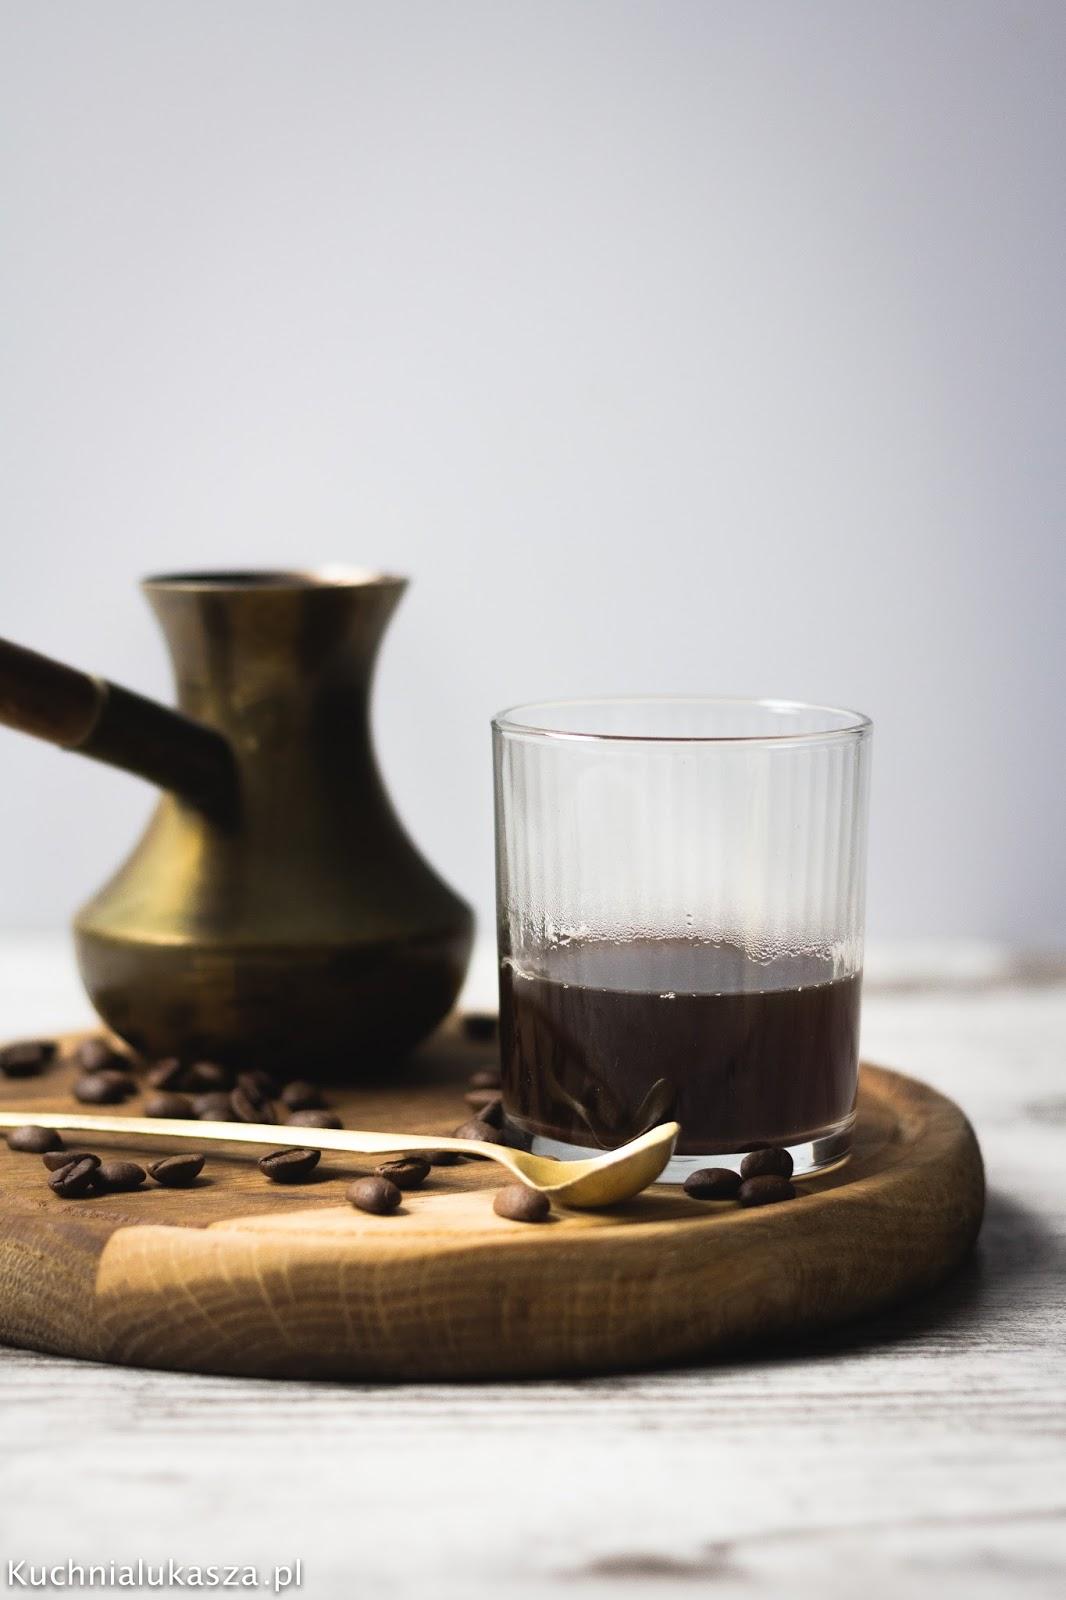 Najlepsza kawa z tygielka. Kawa turecka. Przepis i porady.